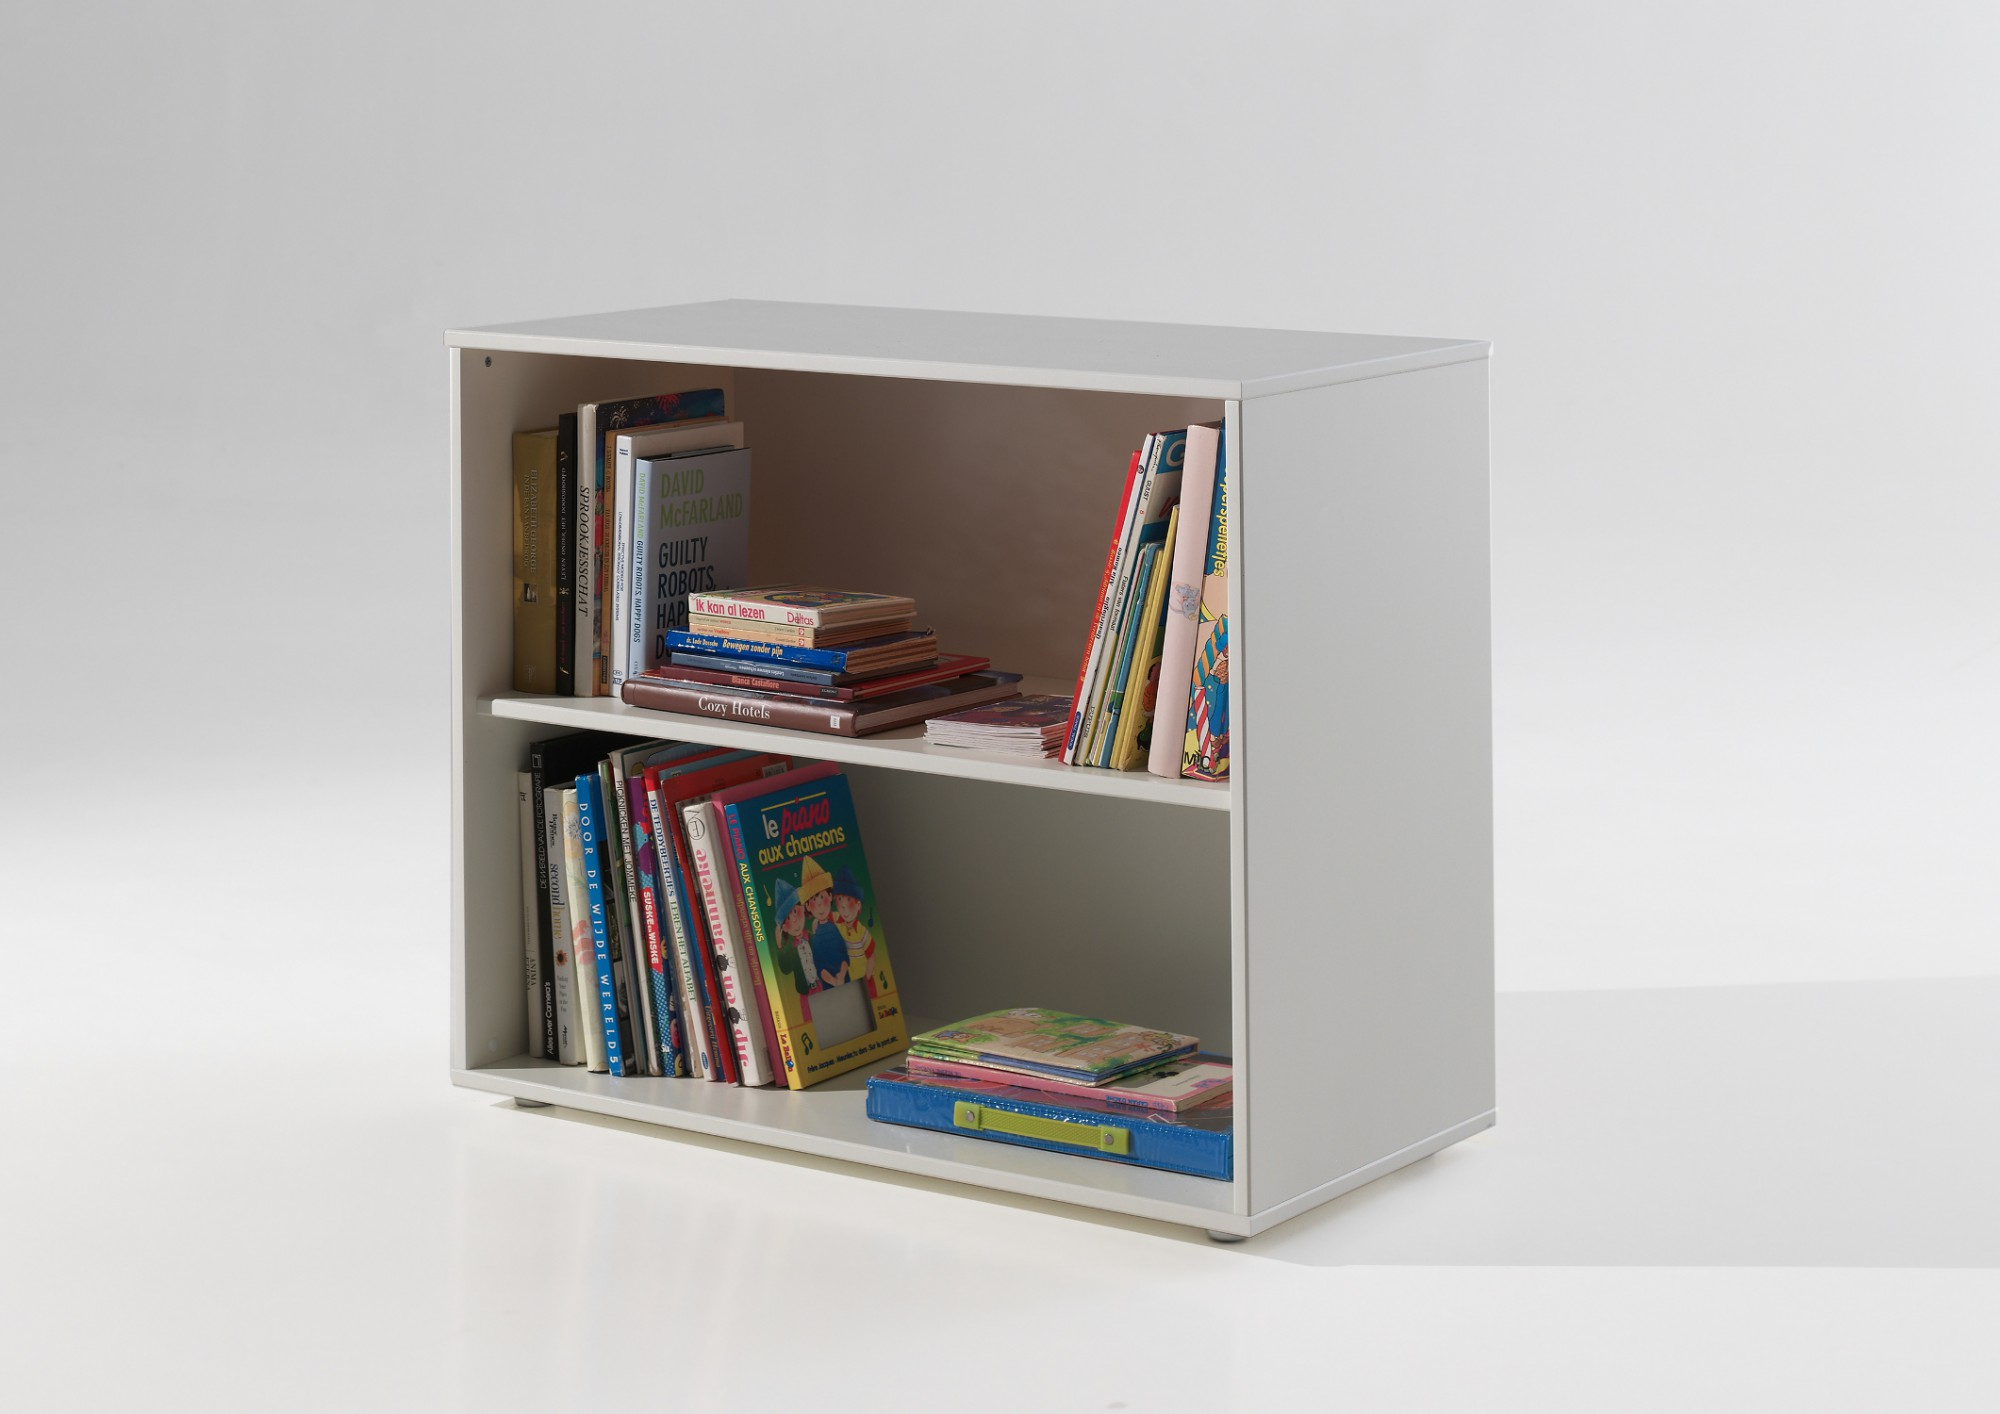 funktions hochbett pino mit schreibtisch und regal. Black Bedroom Furniture Sets. Home Design Ideas